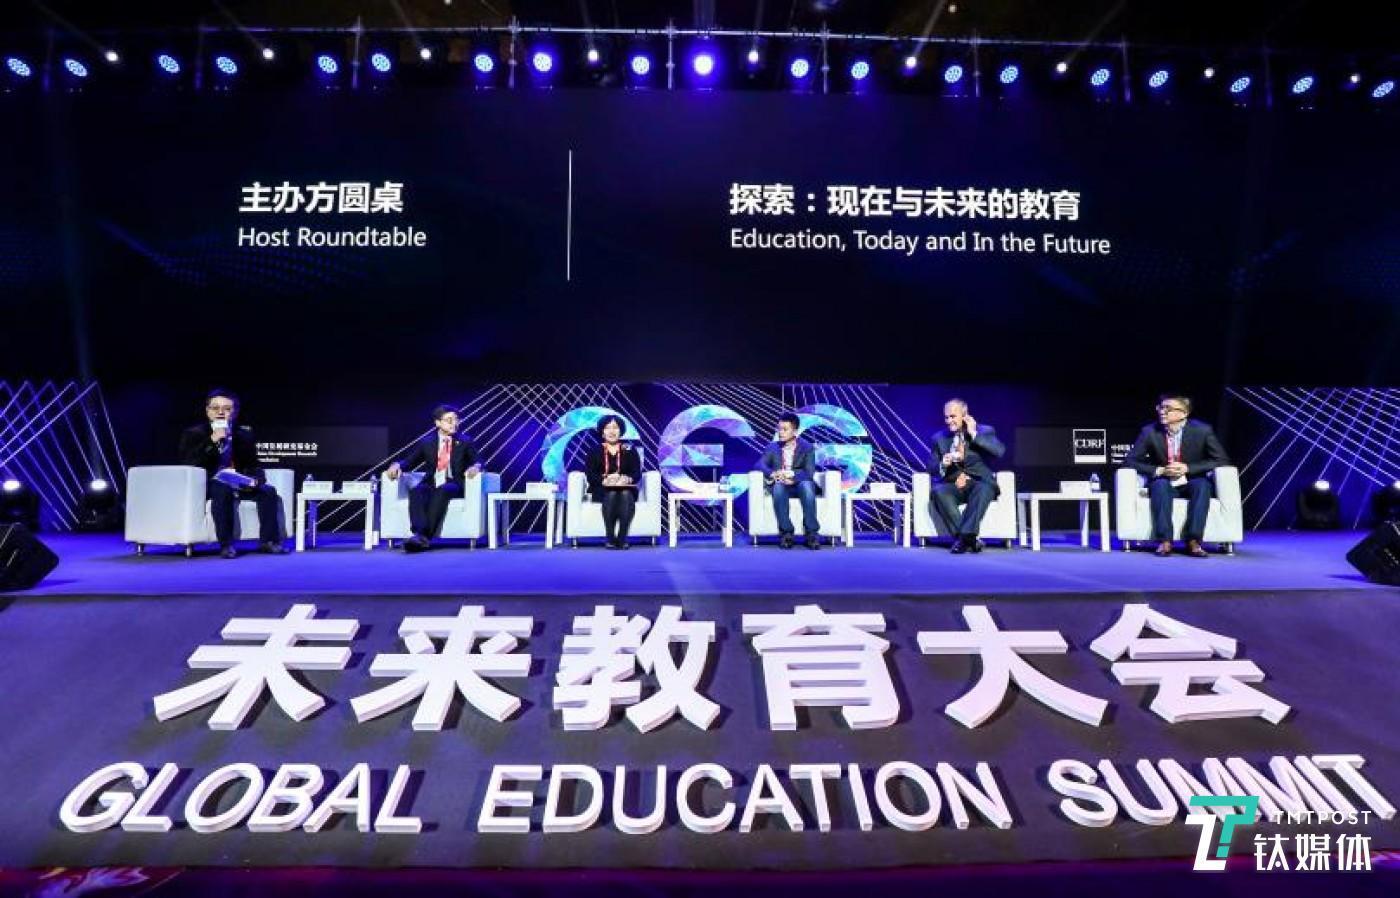 """""""探索:现在与未来的教育""""圆桌论坛"""